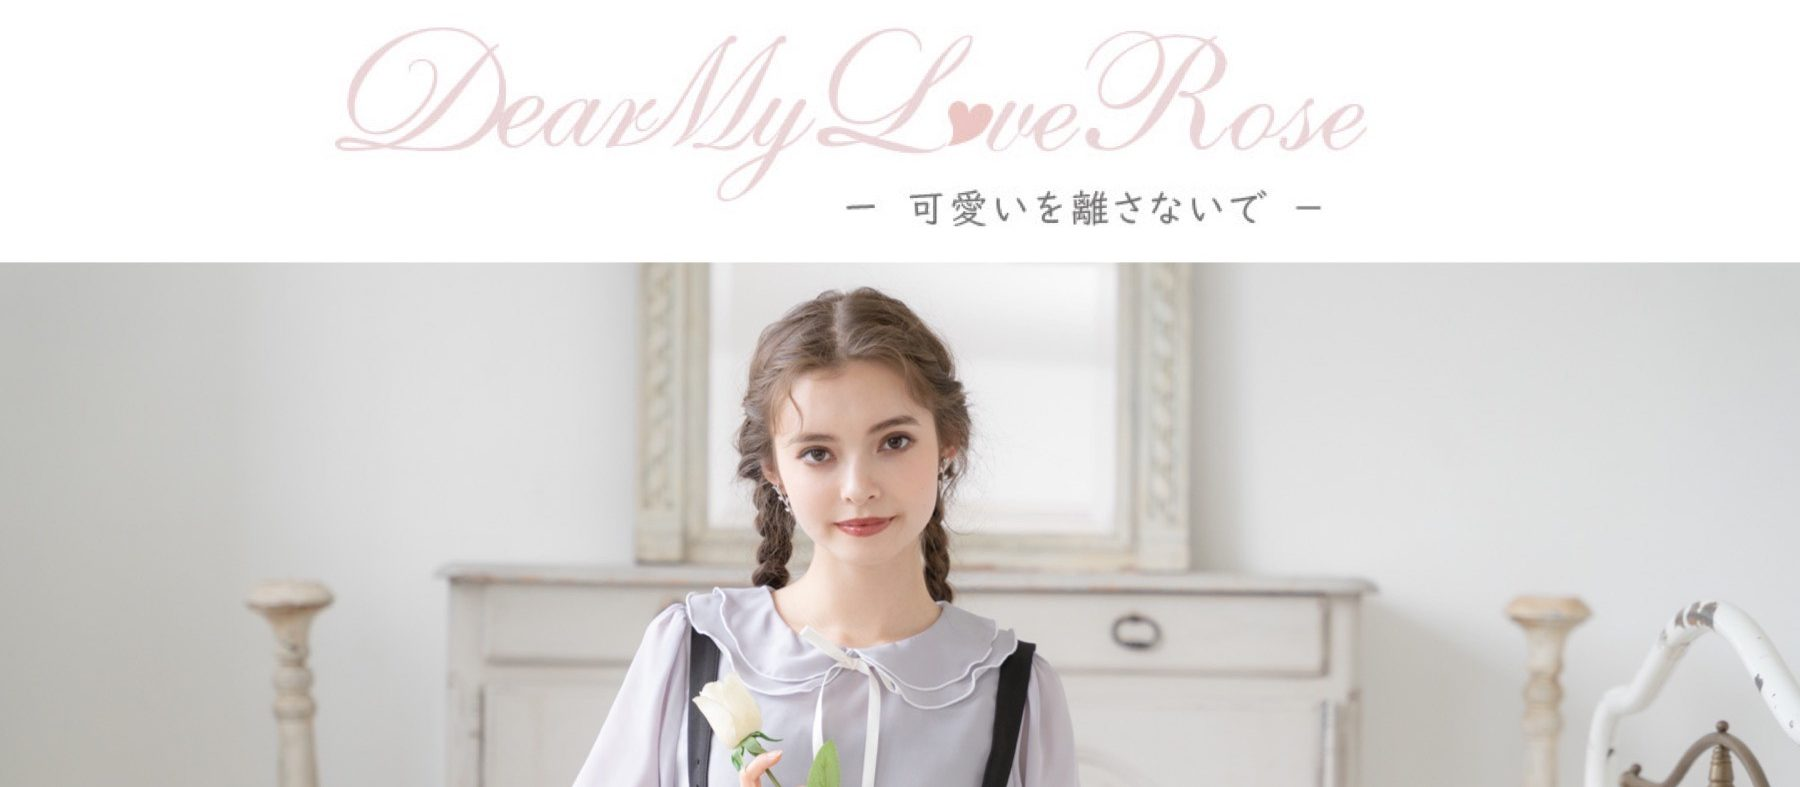 トミコ・クレアがDearMyLoveRoseのモデルとして登場!